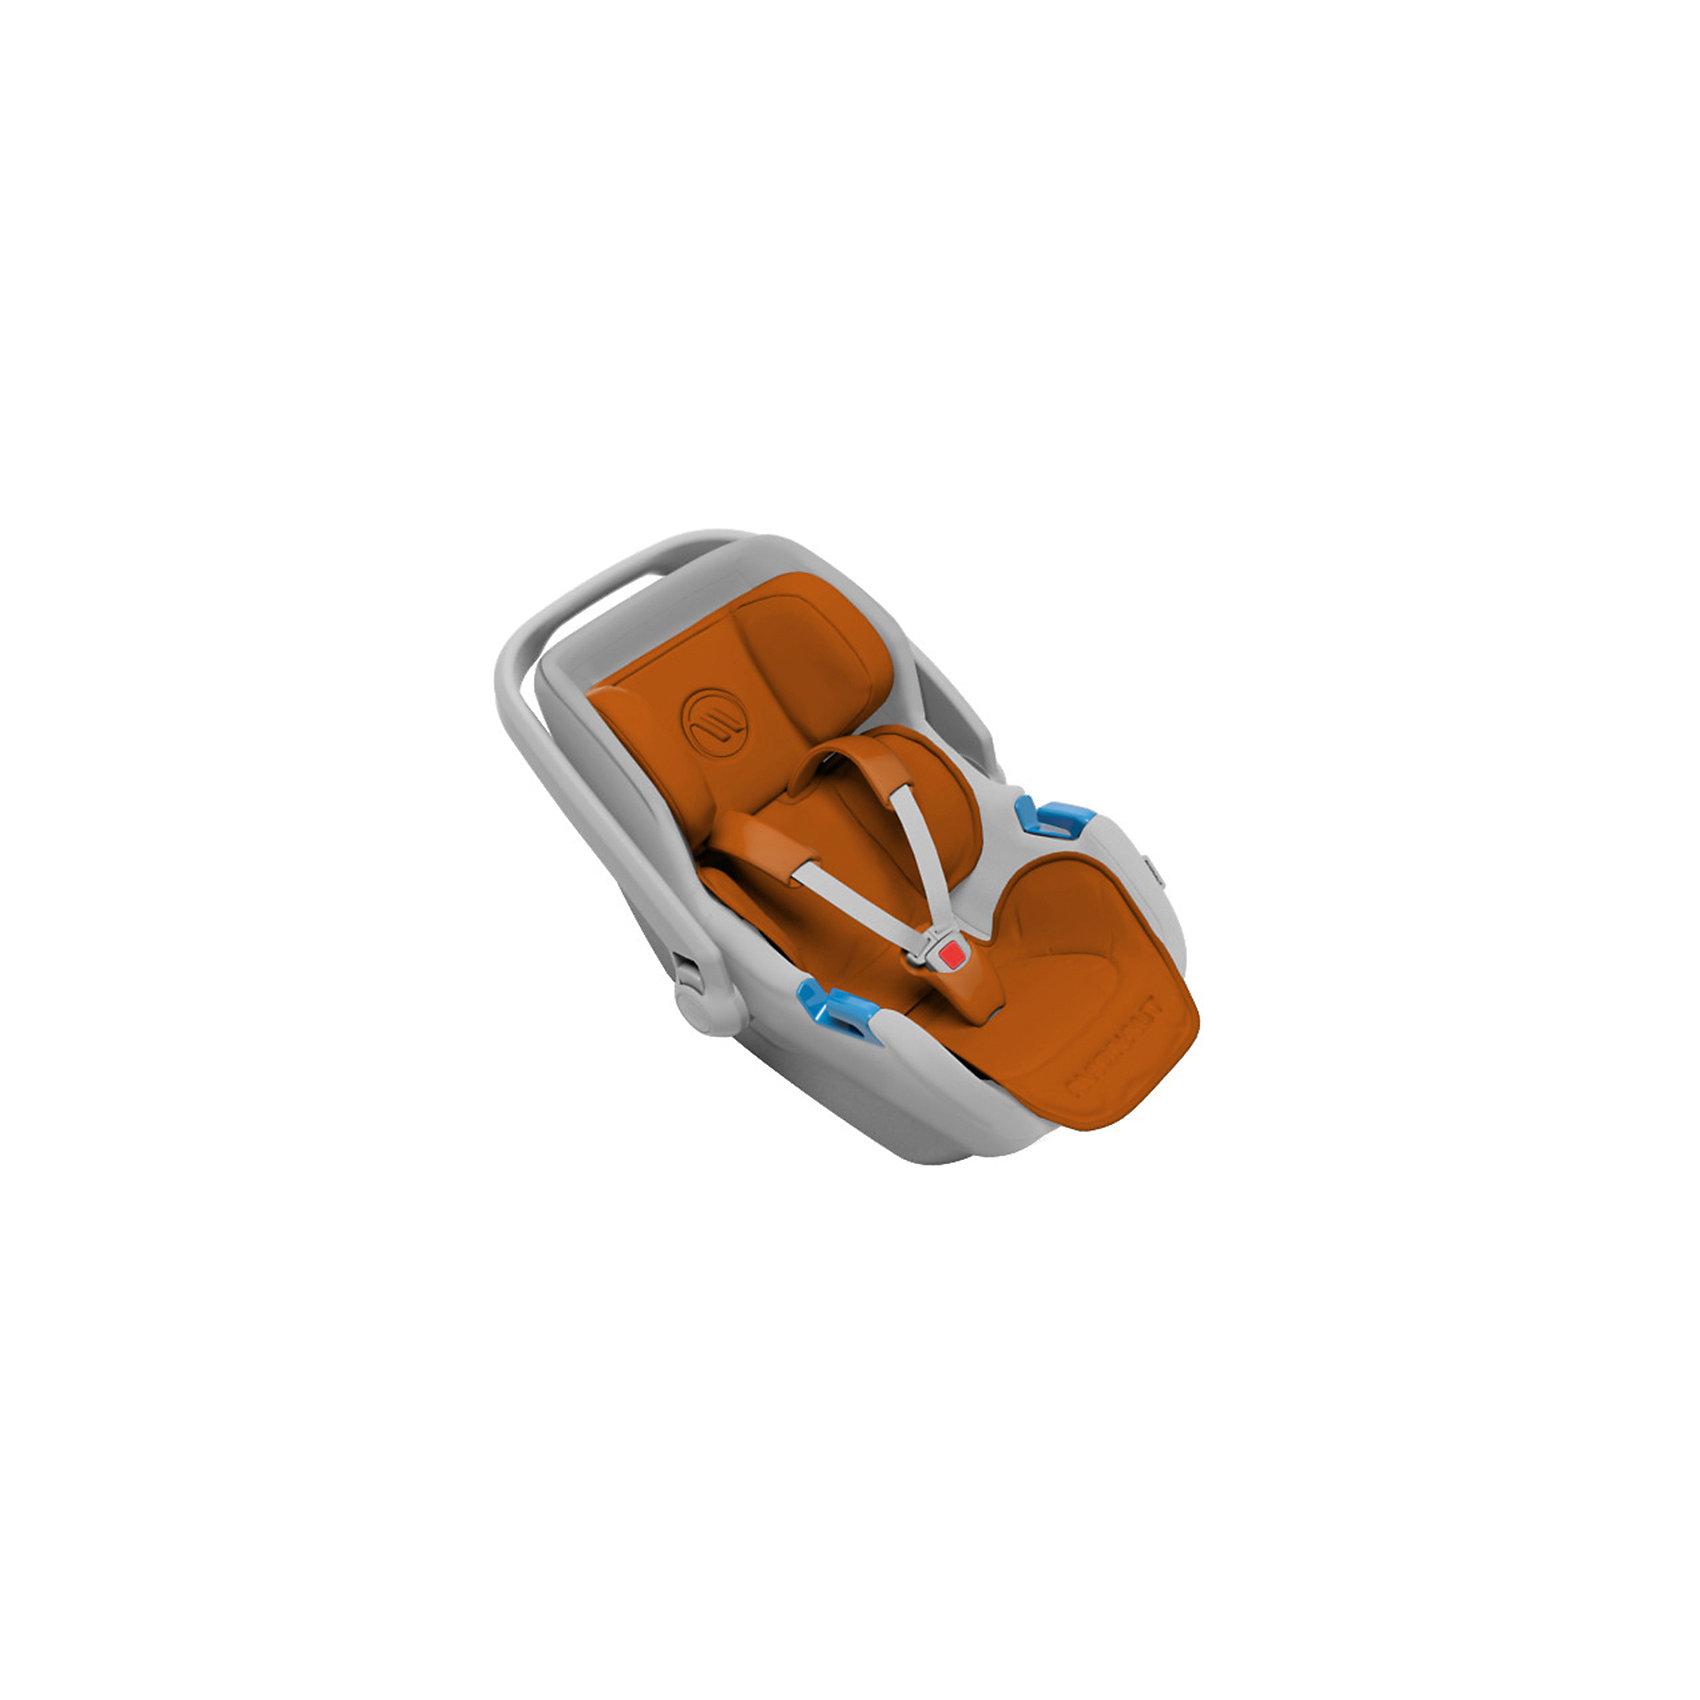 Автокресло Avionaut Jet, 0-13кг, коричневый/серый